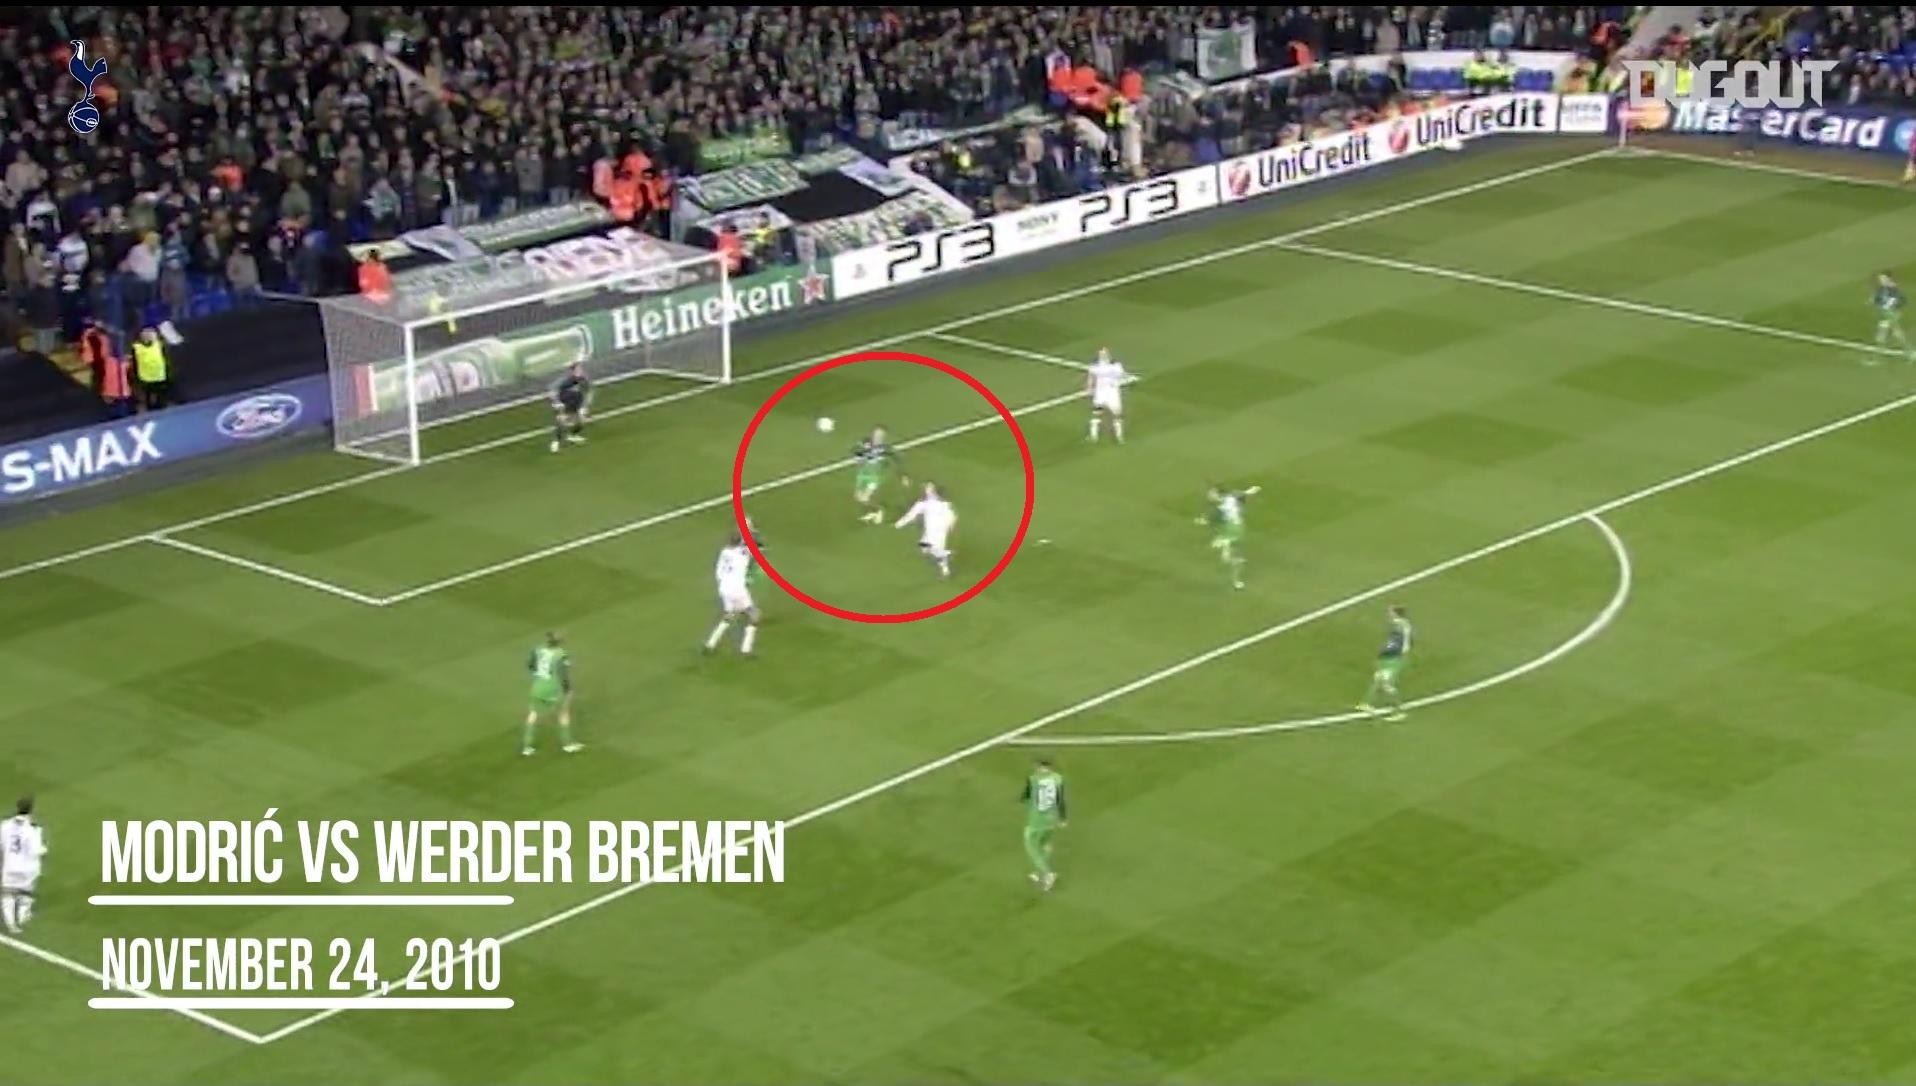 Football - Ligue des champions - Modric, Kane, Crouch... les 5 plus beaux buts de Tottenham face aux clubs allemands